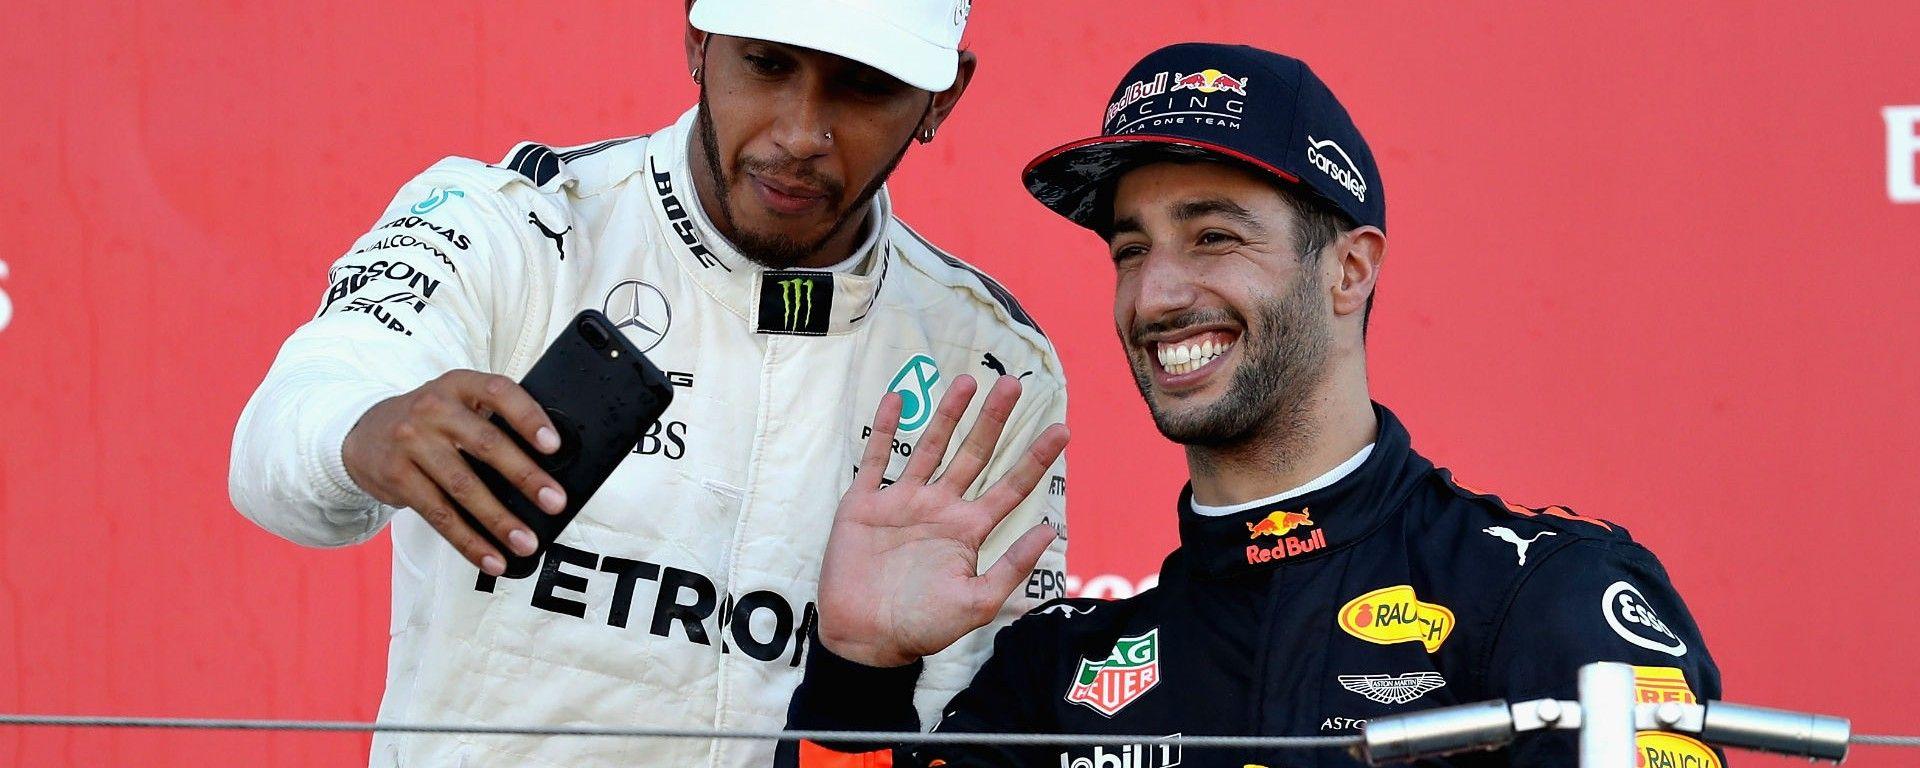 Lewis Hamilton e Daniel Ricciardo